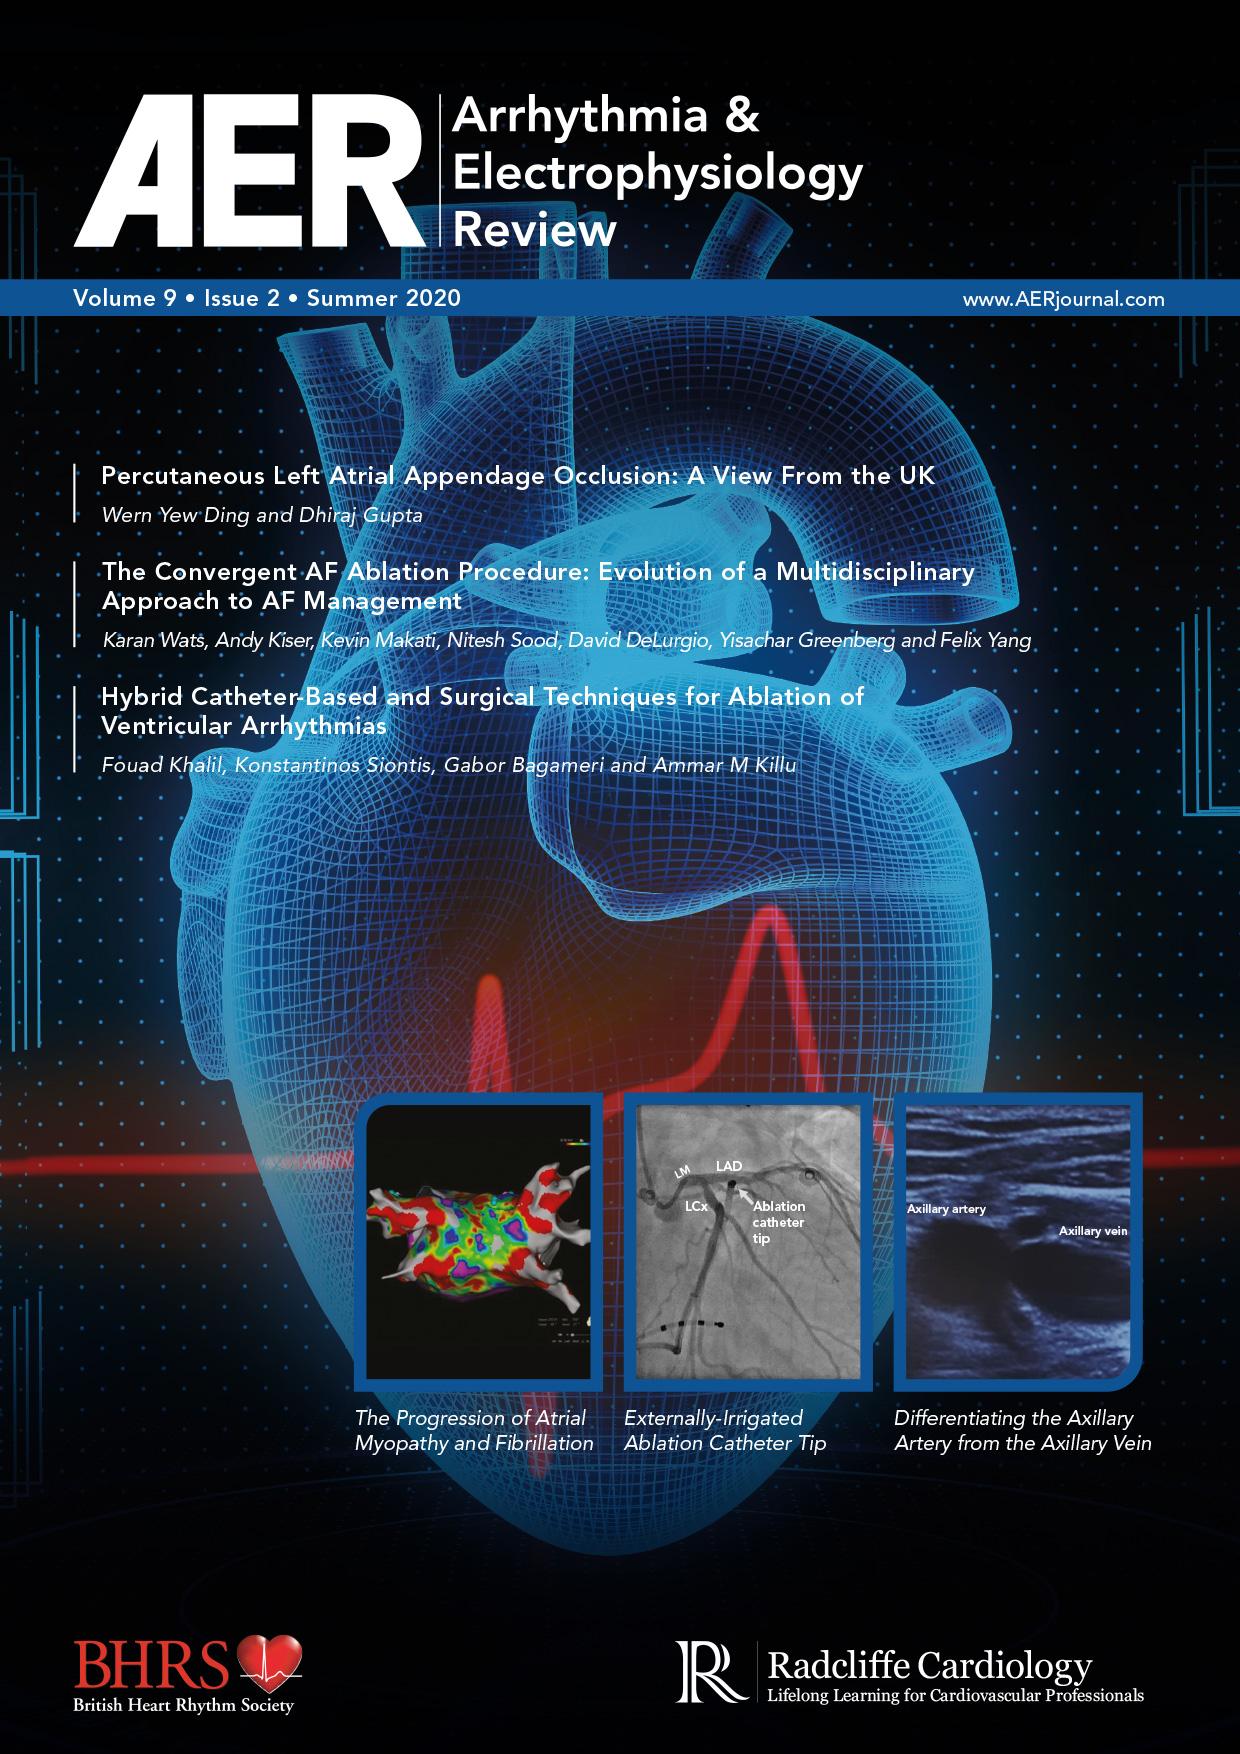 AER Volume 9 Issue 2 Summer 2020